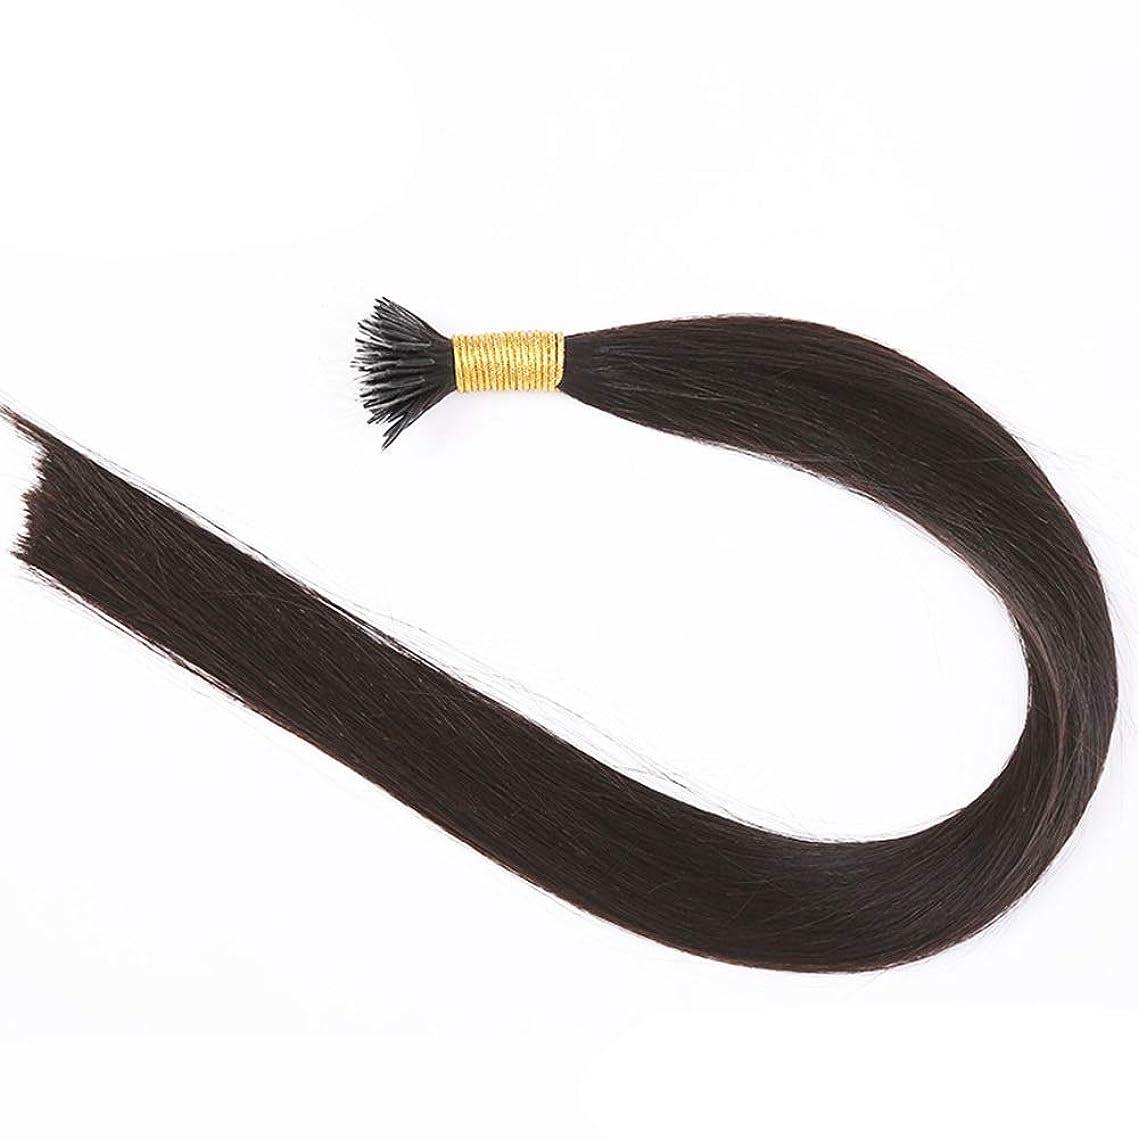 バッテリーパンダ識字JULYTER レミーティップフュージョンアンボードヘアブラック実際のブラジルの毛髪ナノエクステンションナノチップヘアストランド50グラム (色 : 黒, サイズ : 40cm)